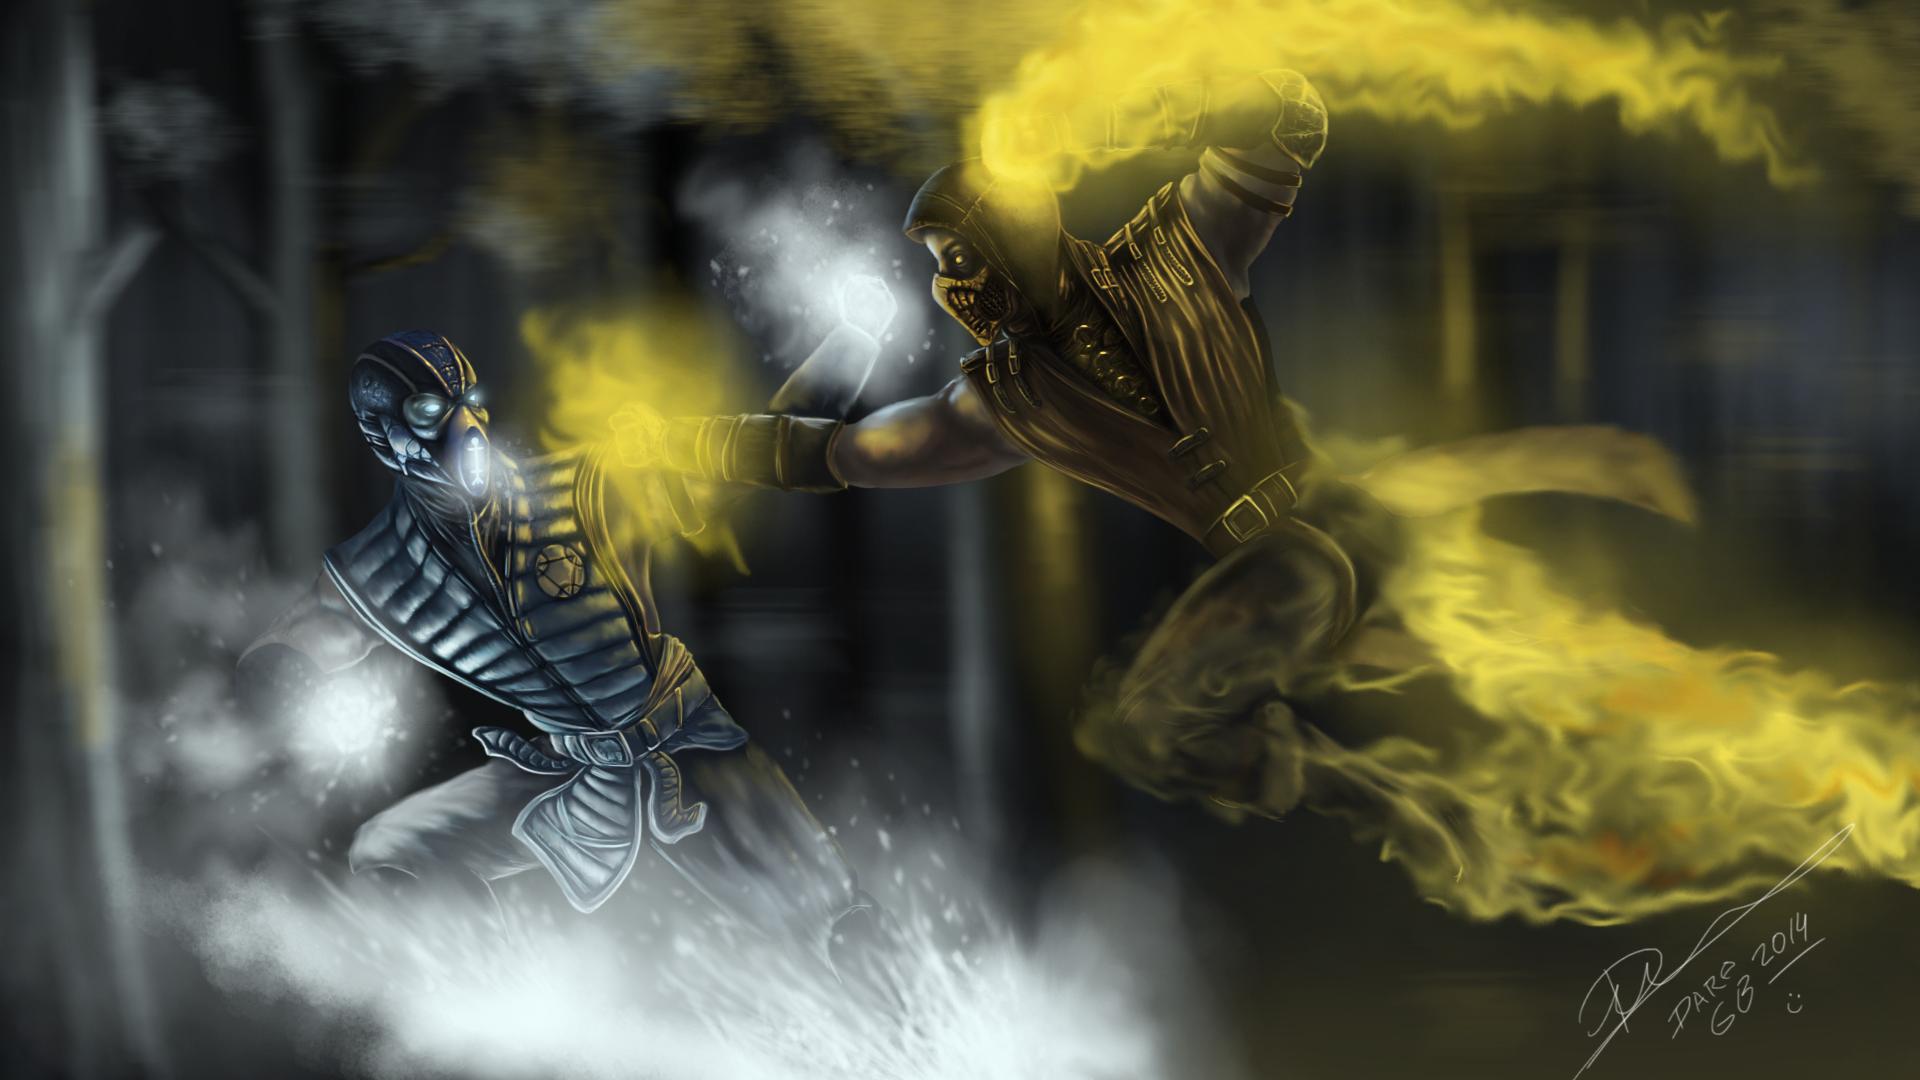 Mortal Kombat X Scorpion Vs Sub Zero By Daregb On Deviantart